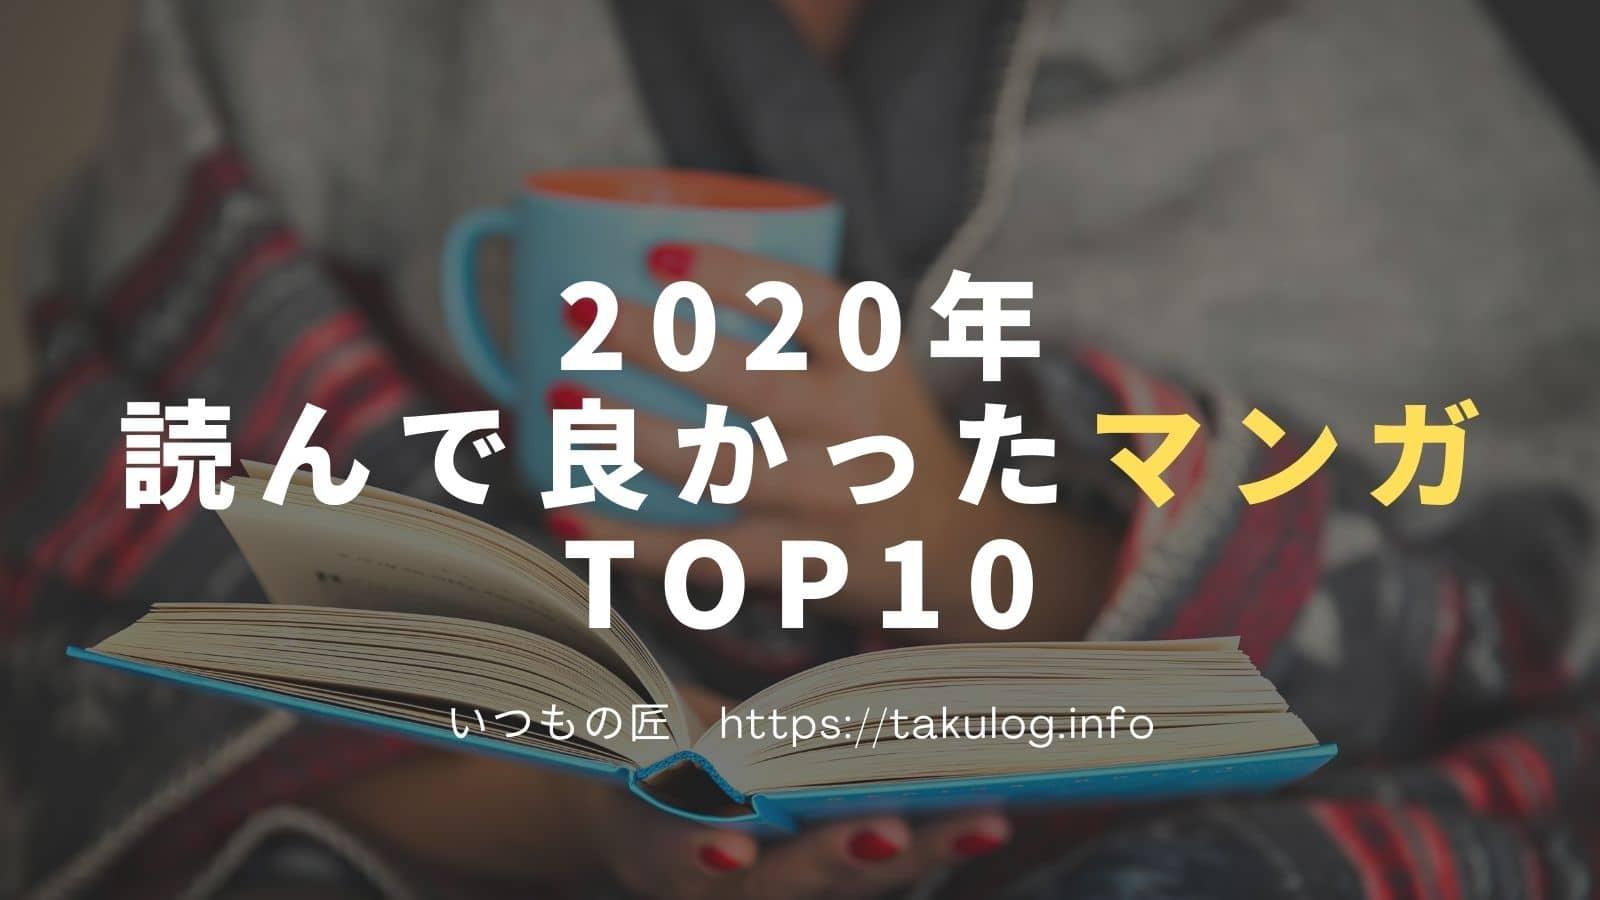 2020年に読んで良かったマンガTOP10サムネイル